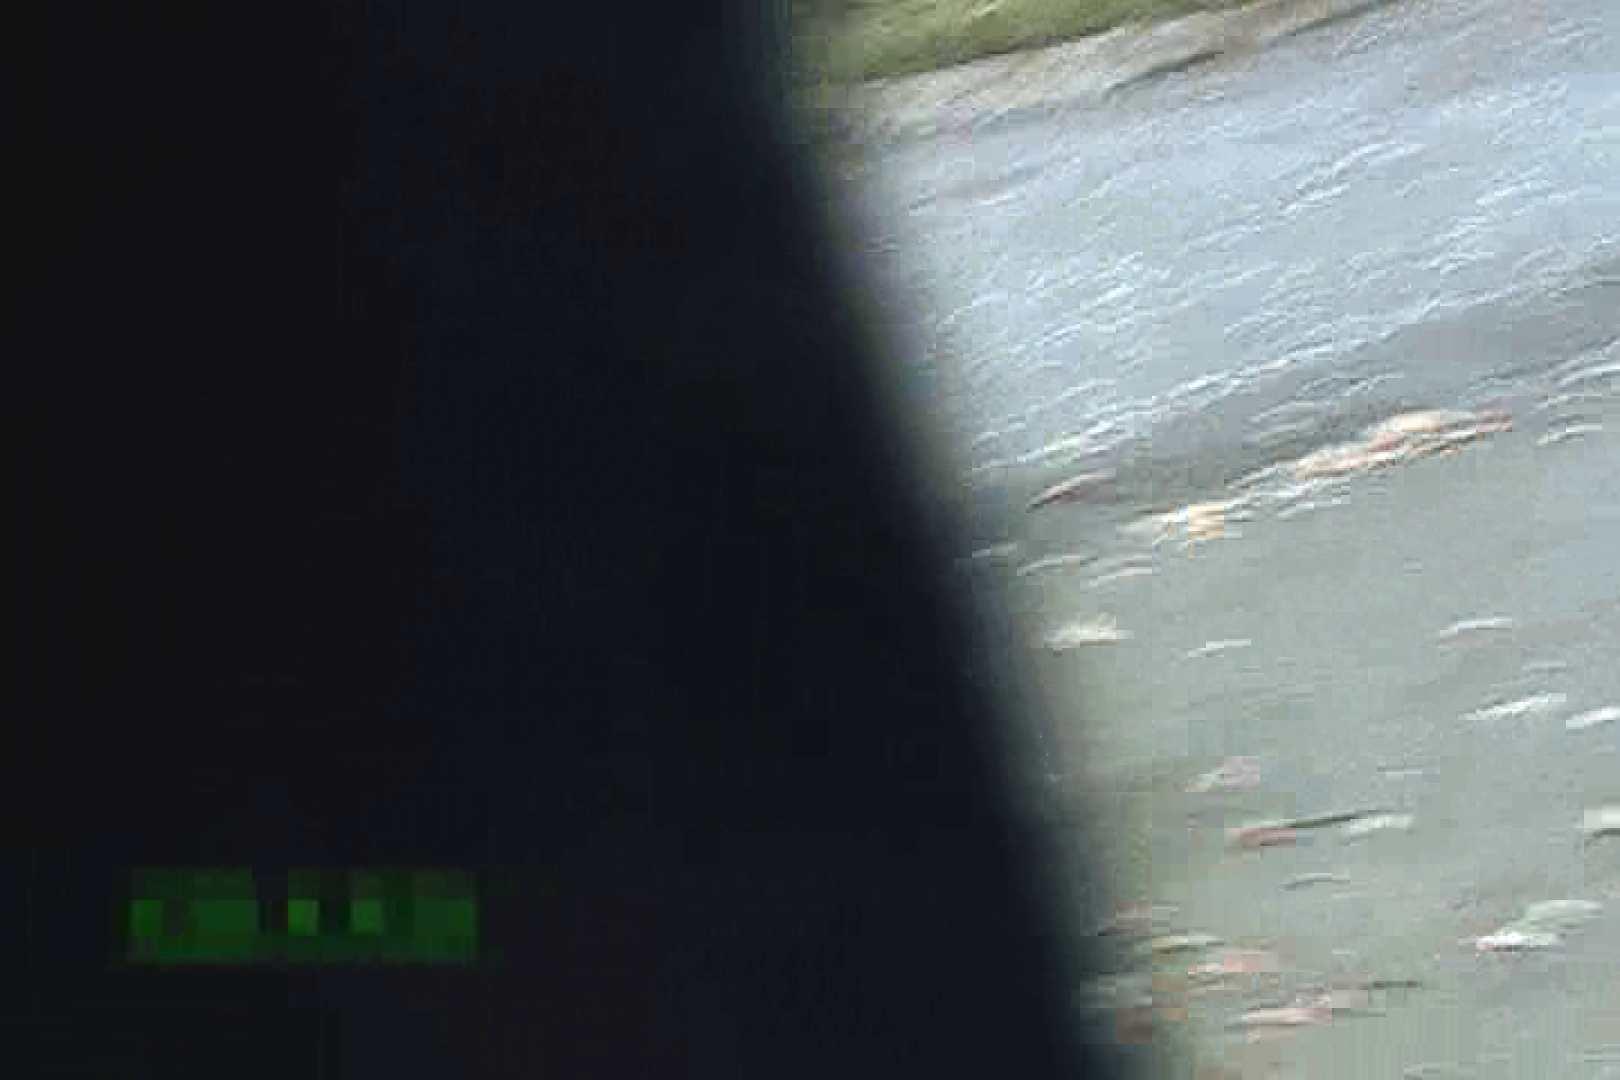 徘徊撮り!!街で出会った乳首たちVol.3 乳首 | 美しいOLの裸体  82pic 19